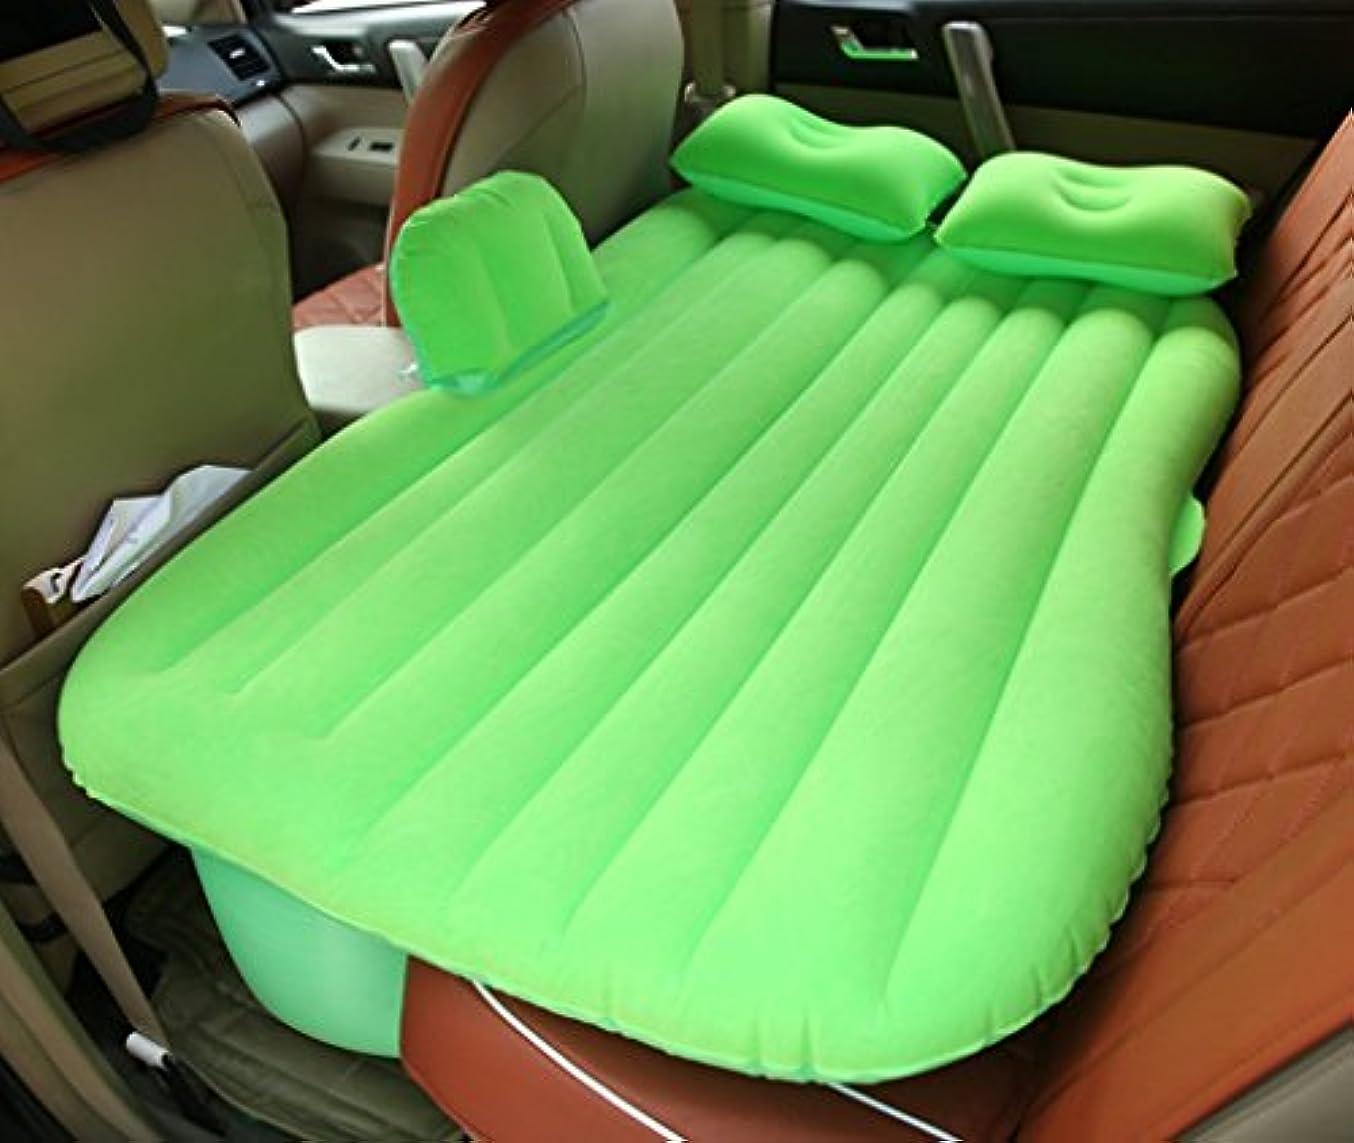 強制的シルエット考古学的なSUVエアベッド、GZD多機能インフレータブルカーマットレス後部座席クッションモーターポンプと2つの枕、ホーム、車、屋外キャンプユニバーサル、85 * 138センチメートル,Green